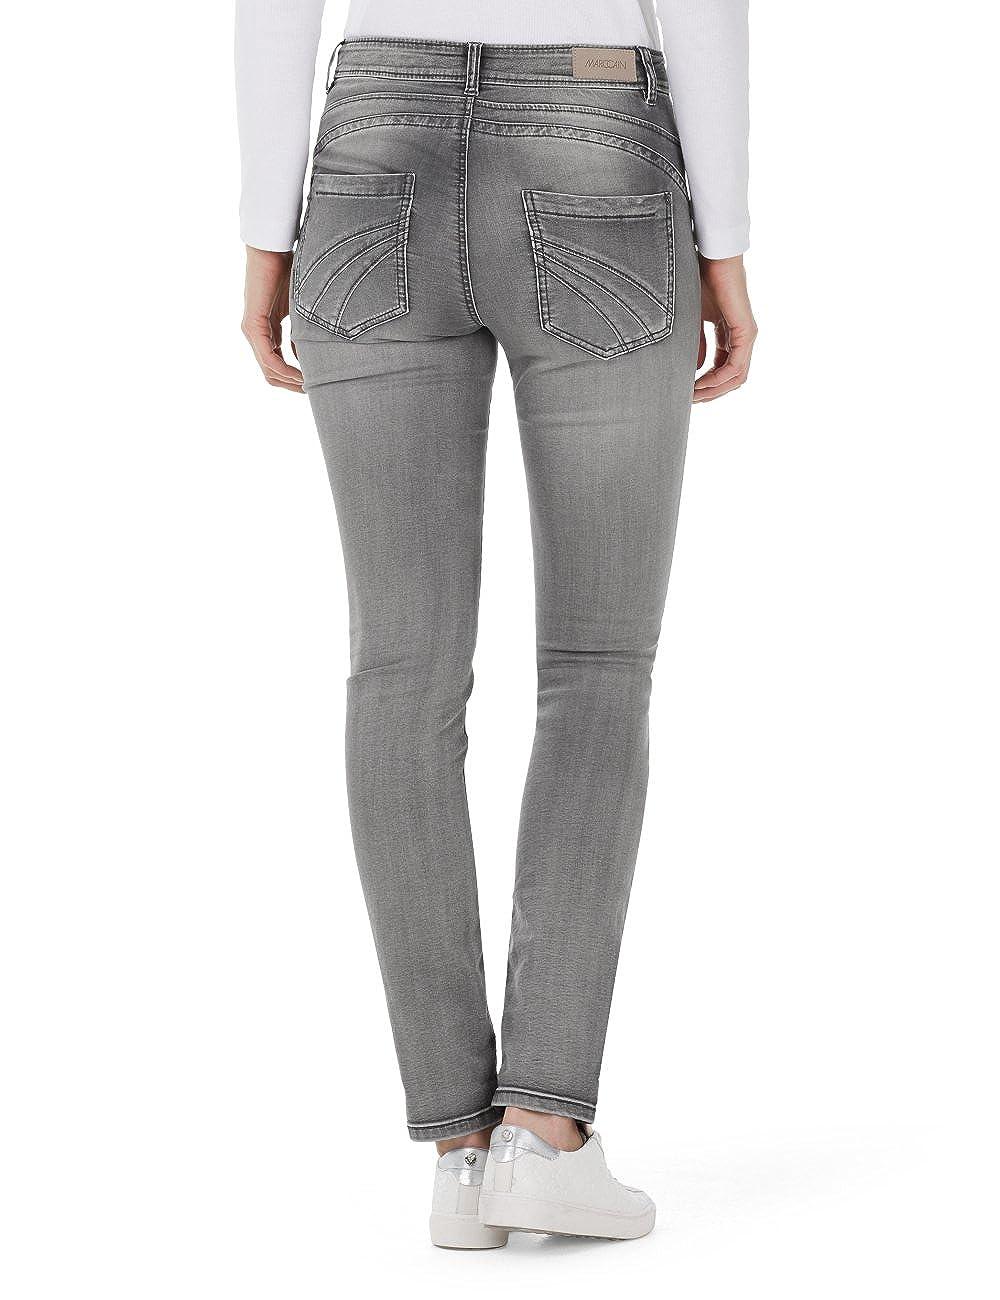 Marc Cain Essentials Damen Jeanshose +E8270D06, Grau (Grey